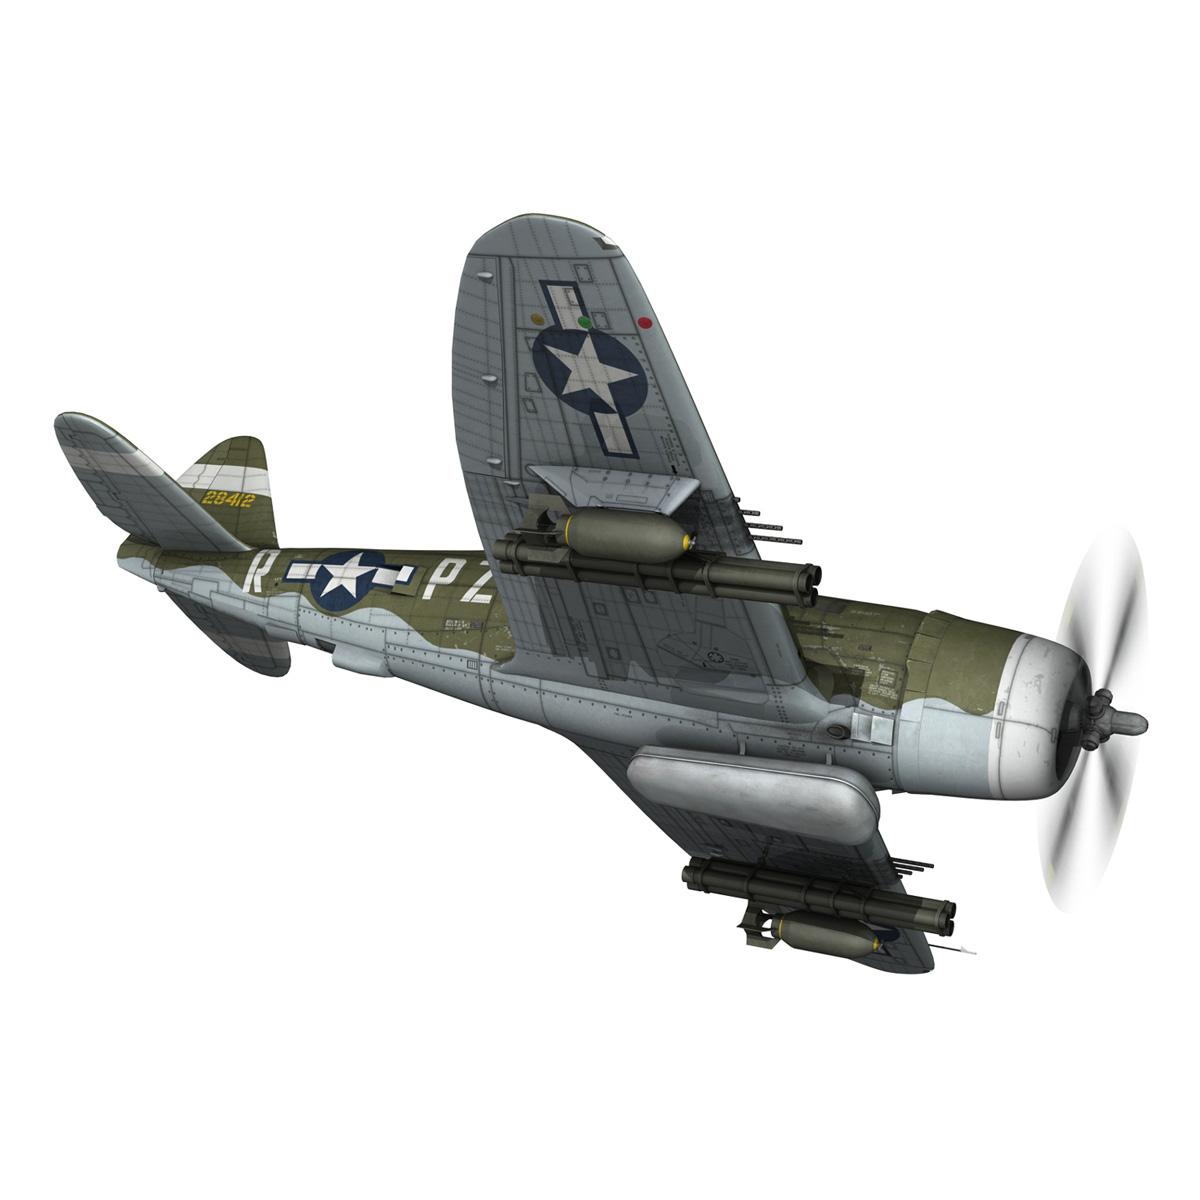 republic p-47d thunderbolt – sweetie – pz-r 3d model 3ds fbx c4d lwo obj 281839